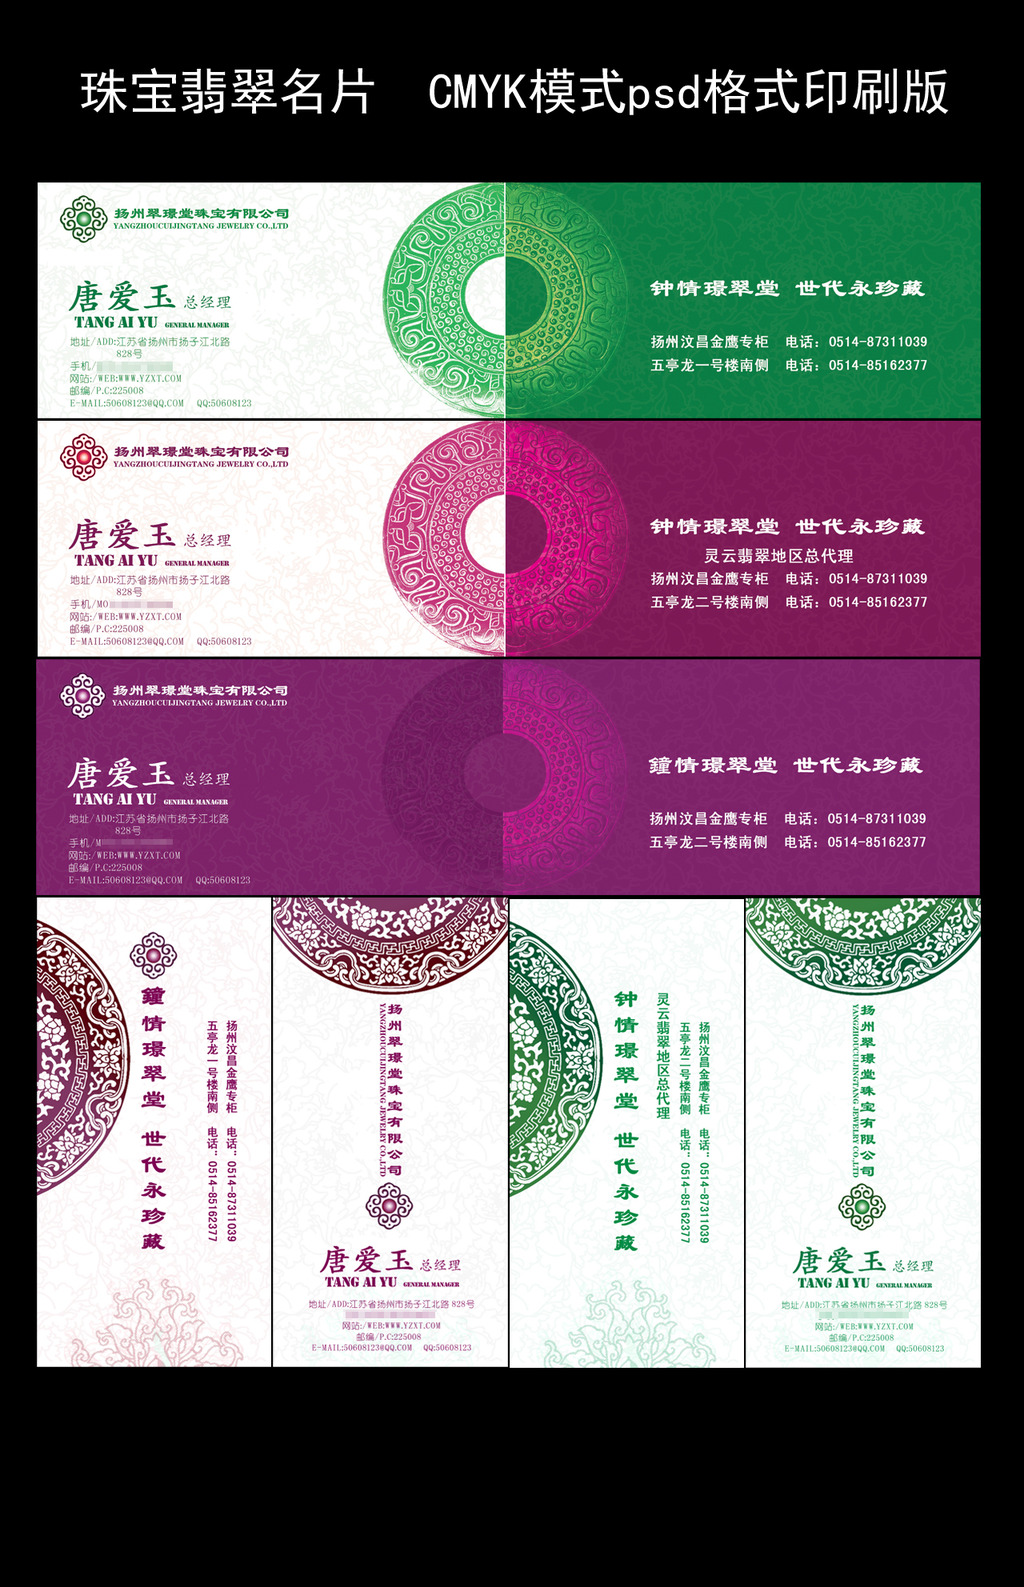 珠宝翡翠行业名片模板下载(图片编号:12274027)_中国图片